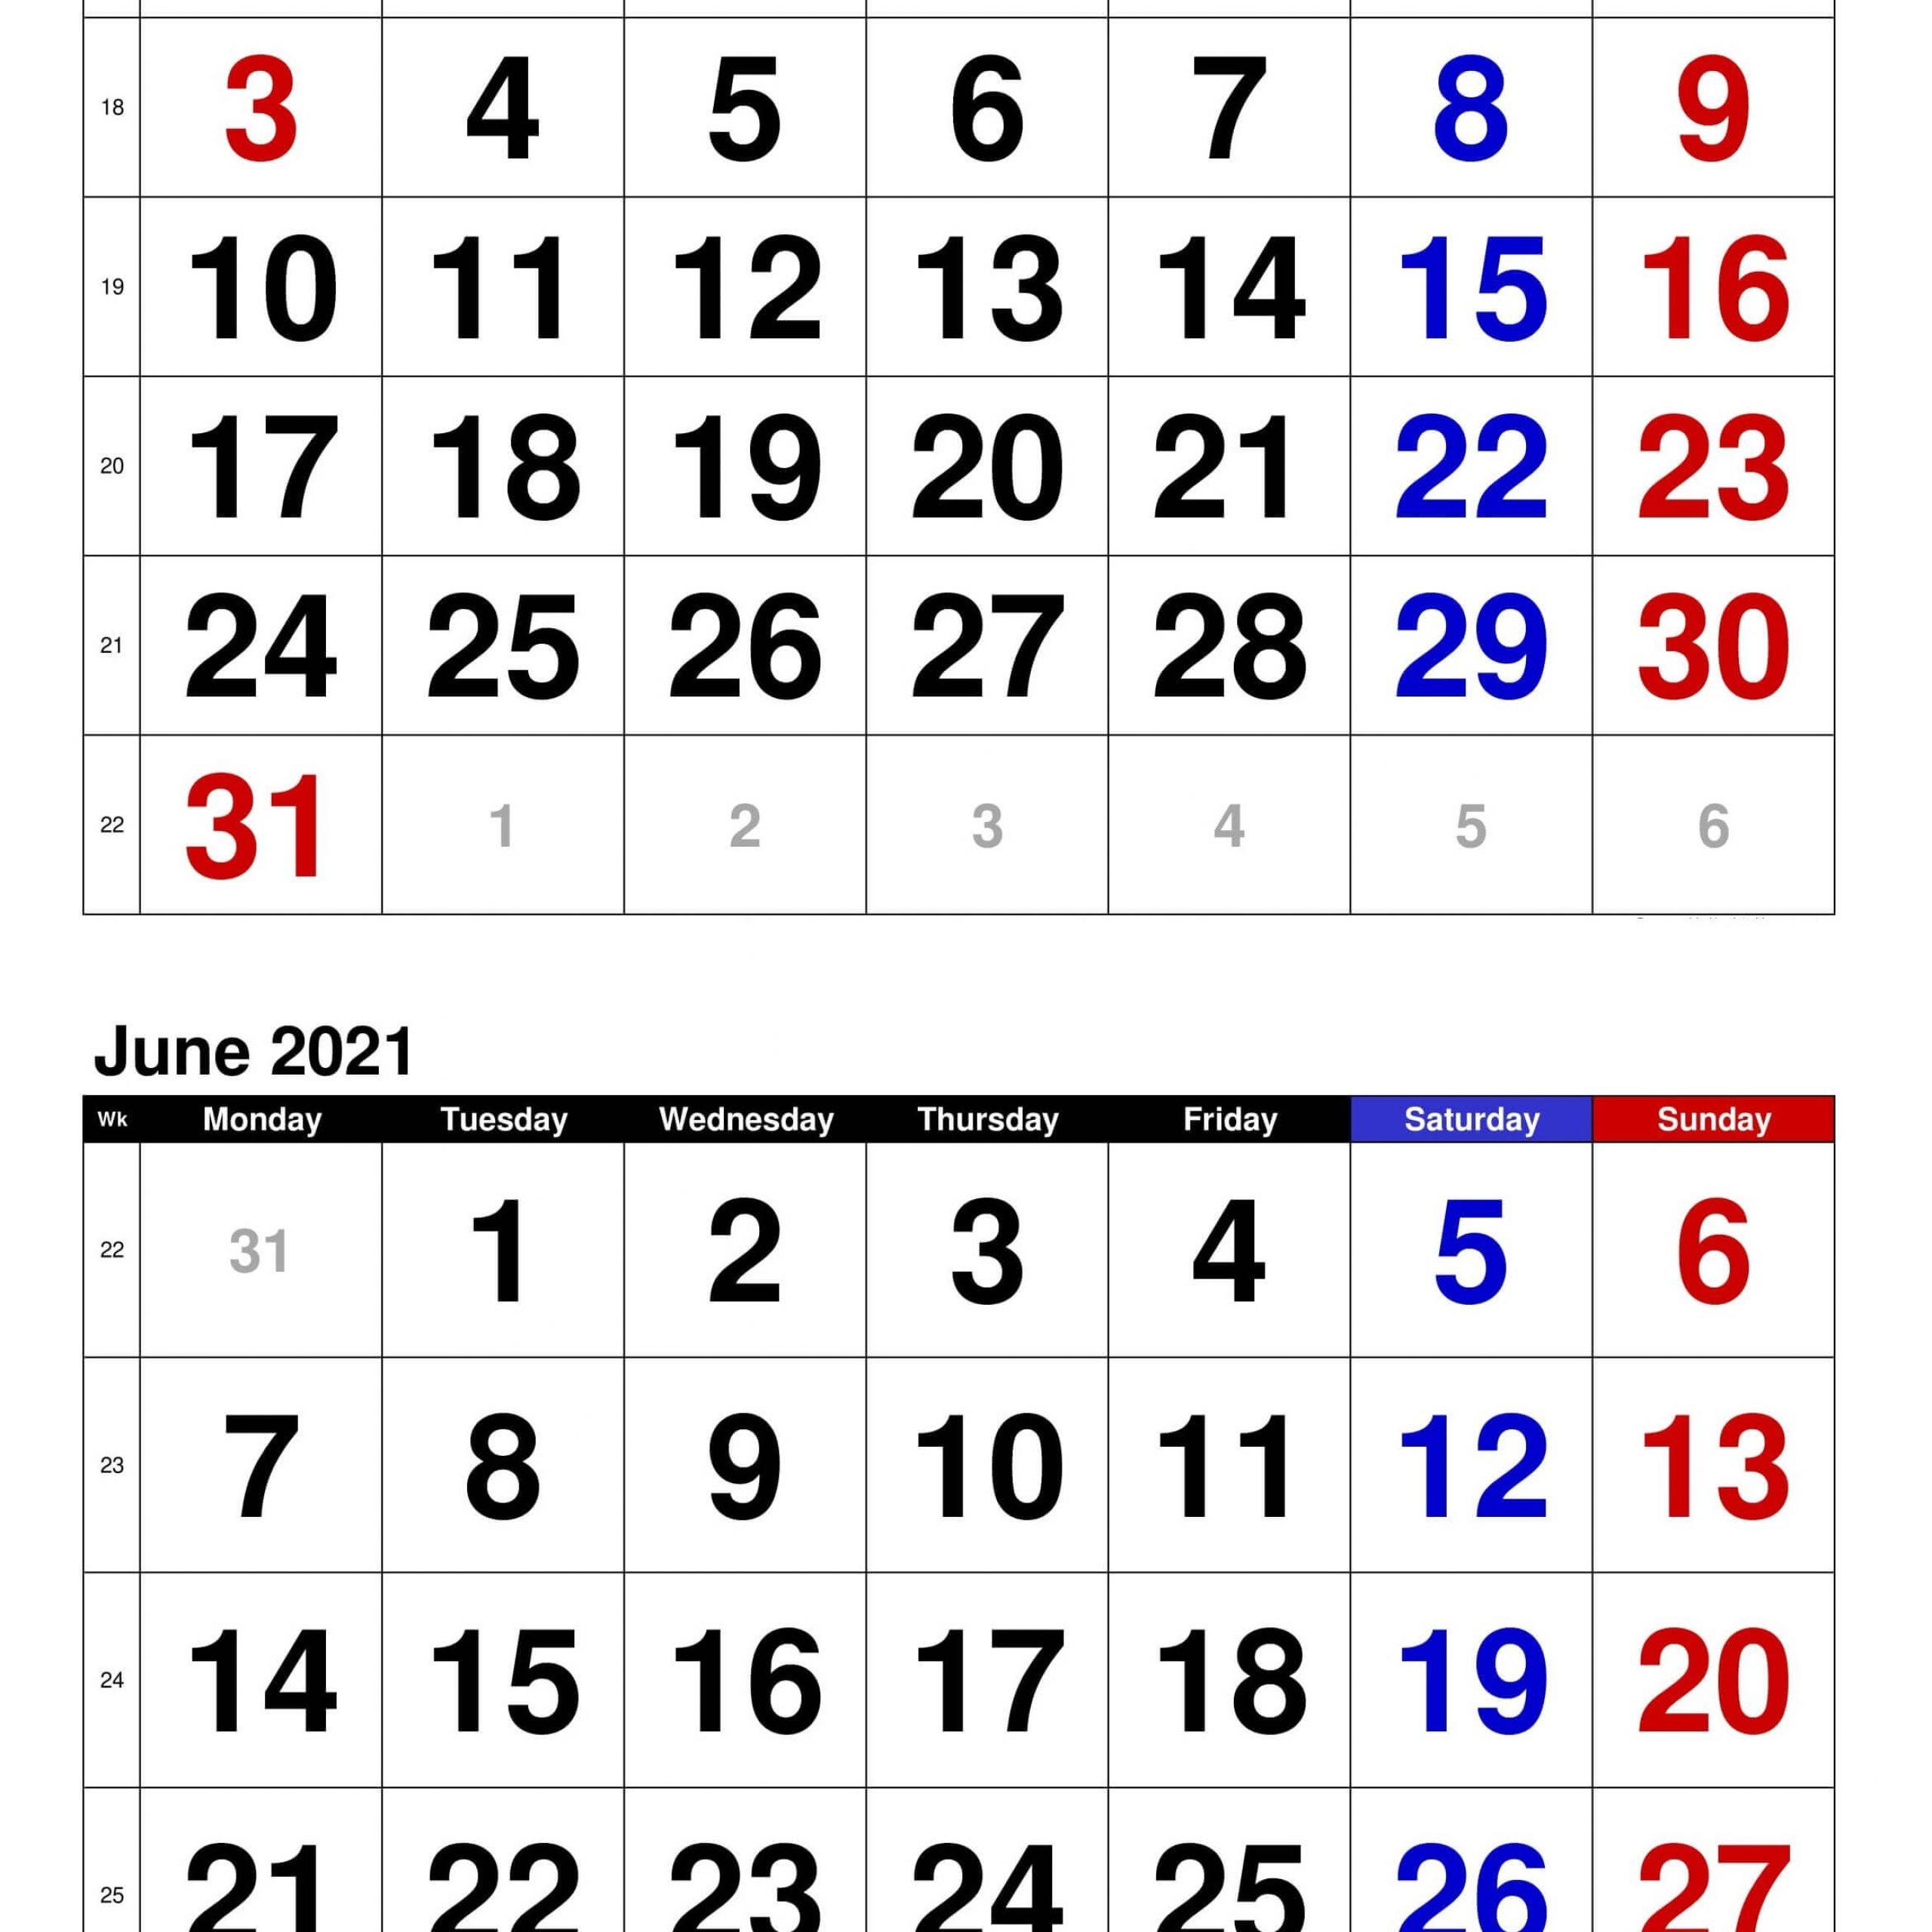 calendar-may-june-2021-image